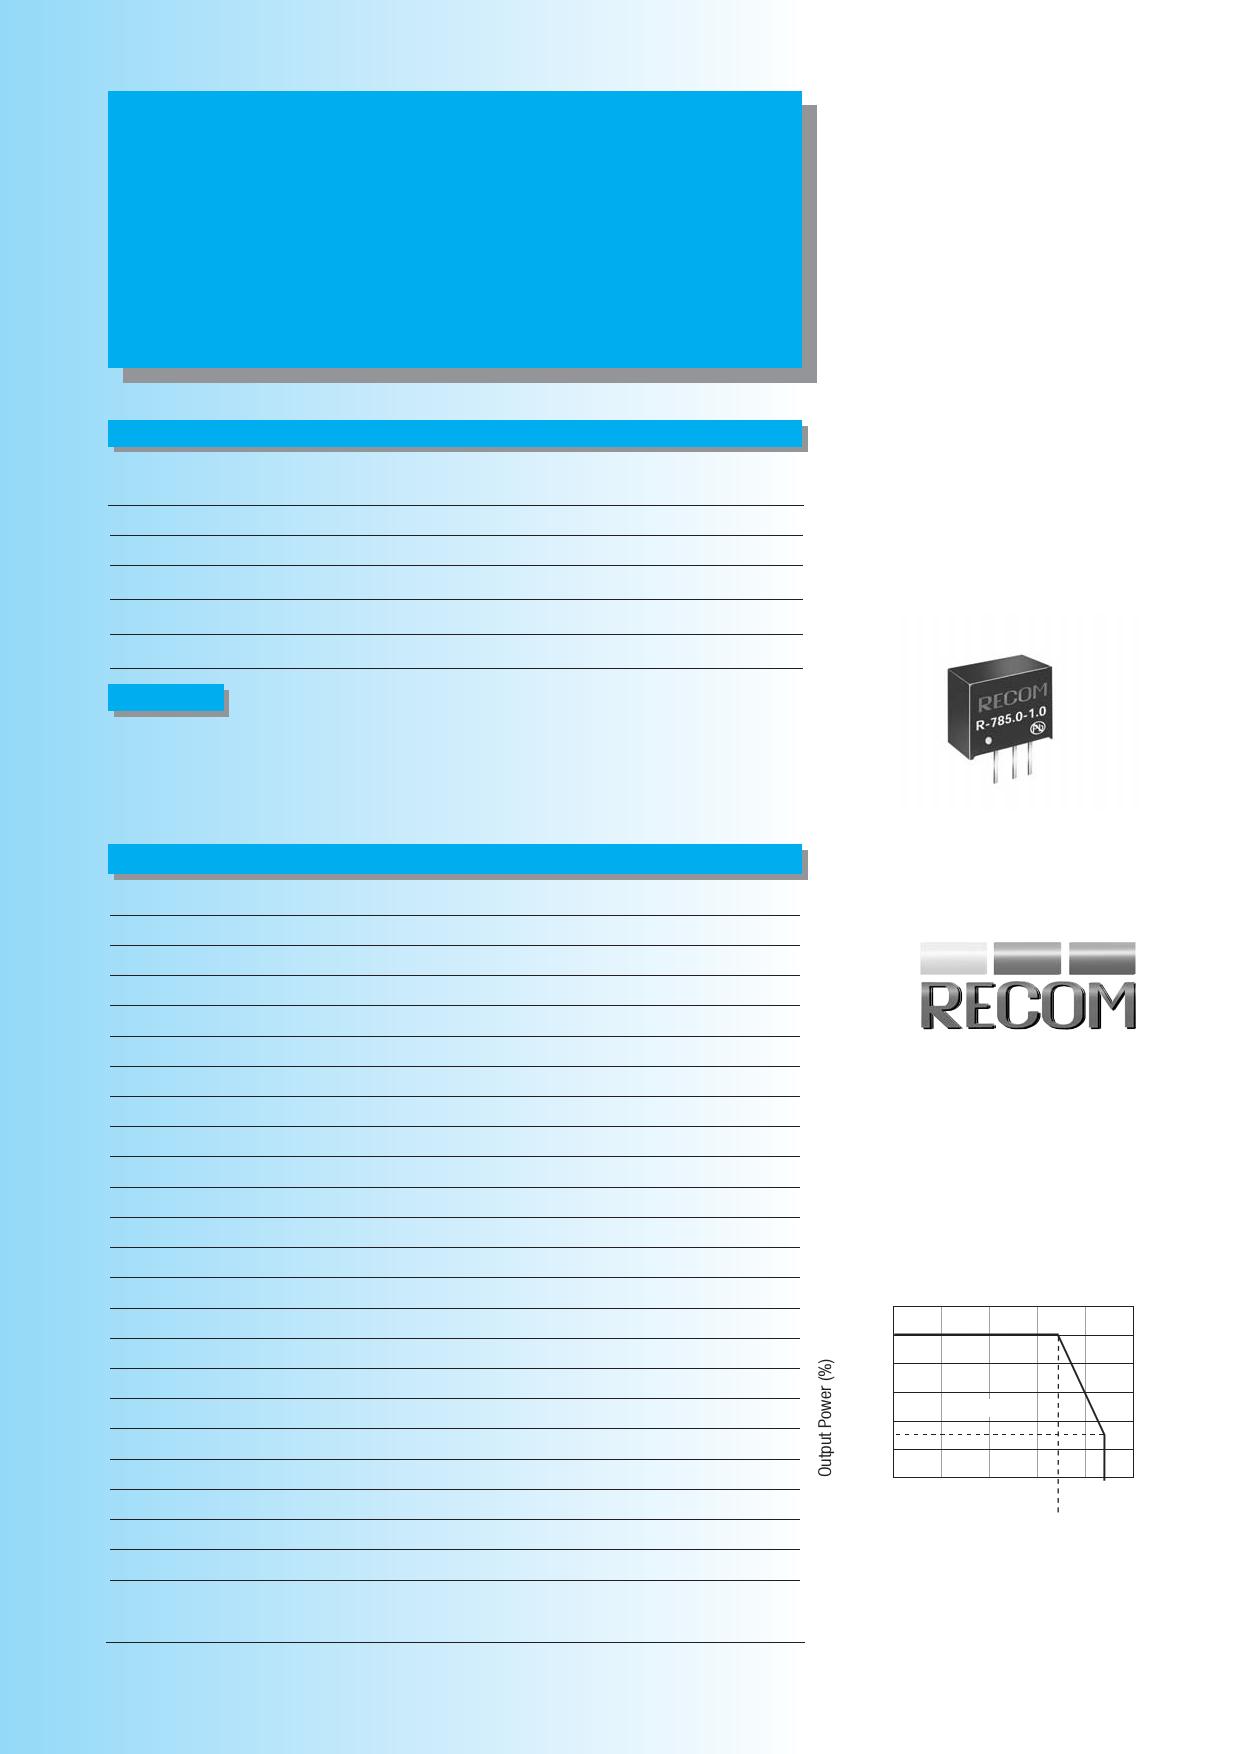 R-7xxxx-1.0 Hoja de datos, Descripción, Manual